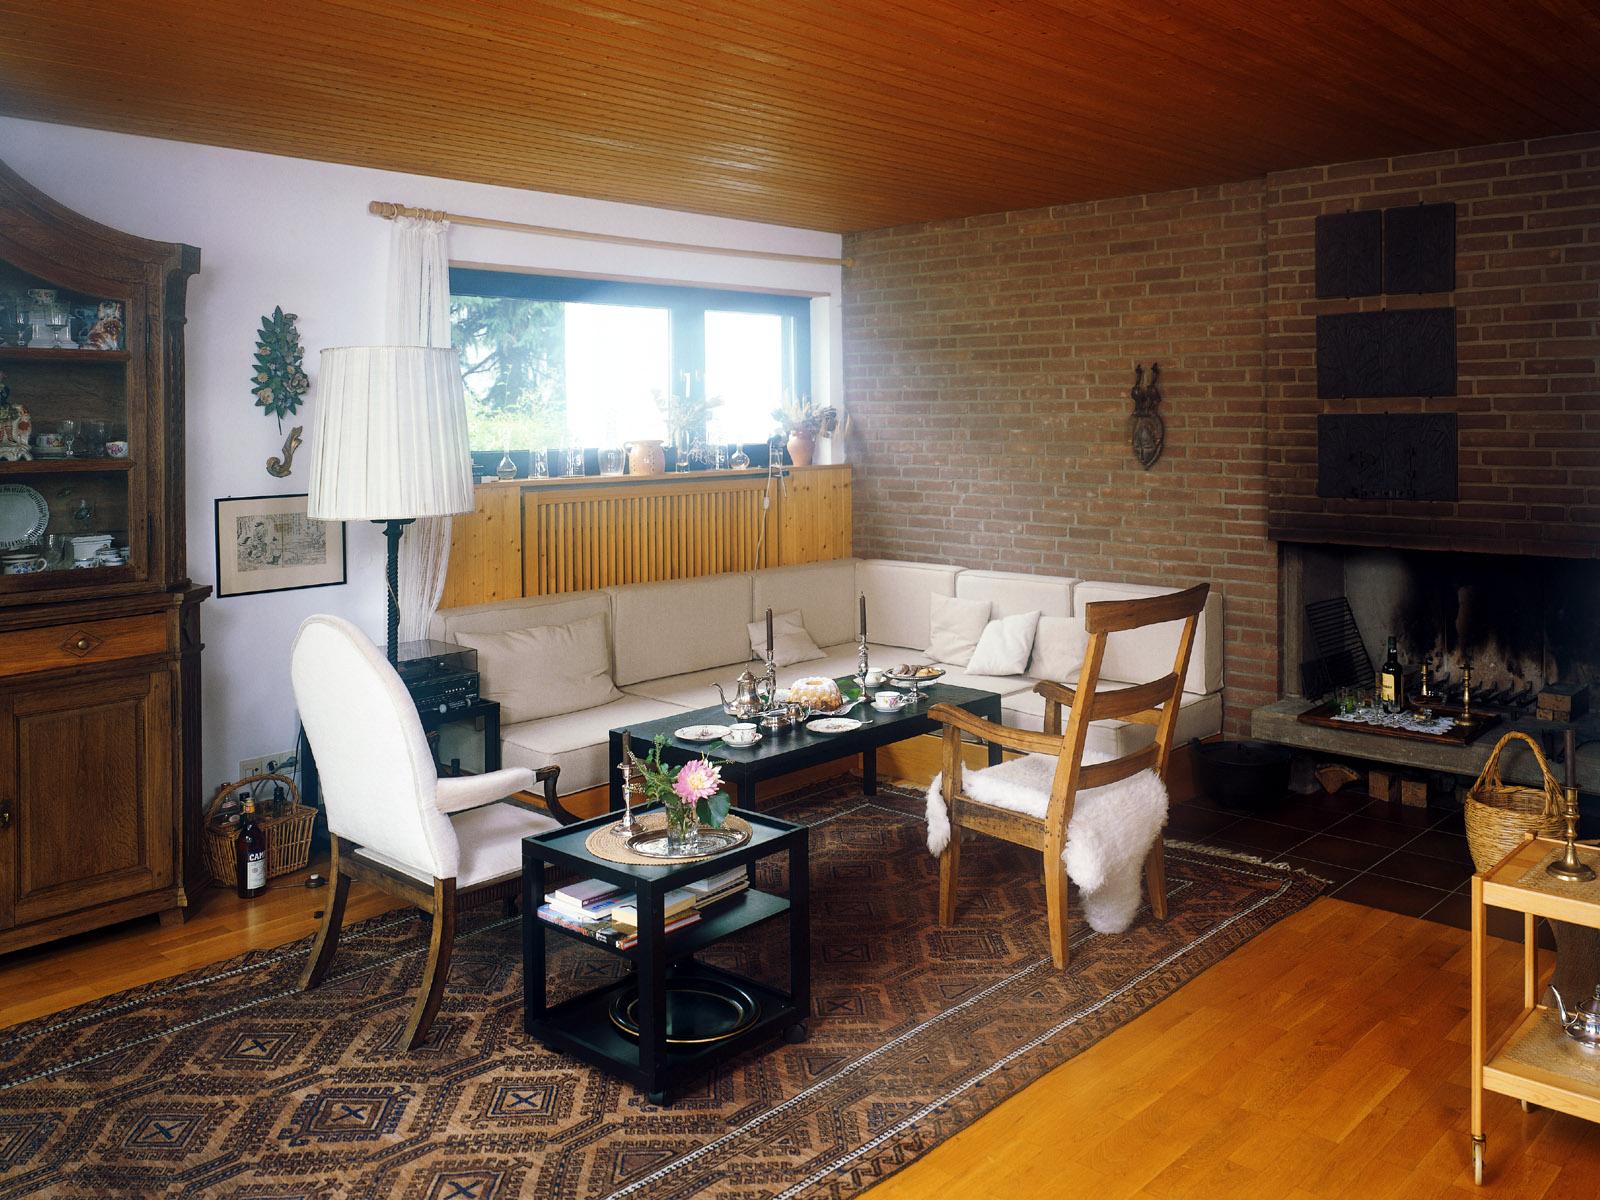 壁纸1600×1200浪漫家居4 壁纸10壁纸 浪漫家居4壁纸图片建筑壁纸建筑图片素材桌面壁纸